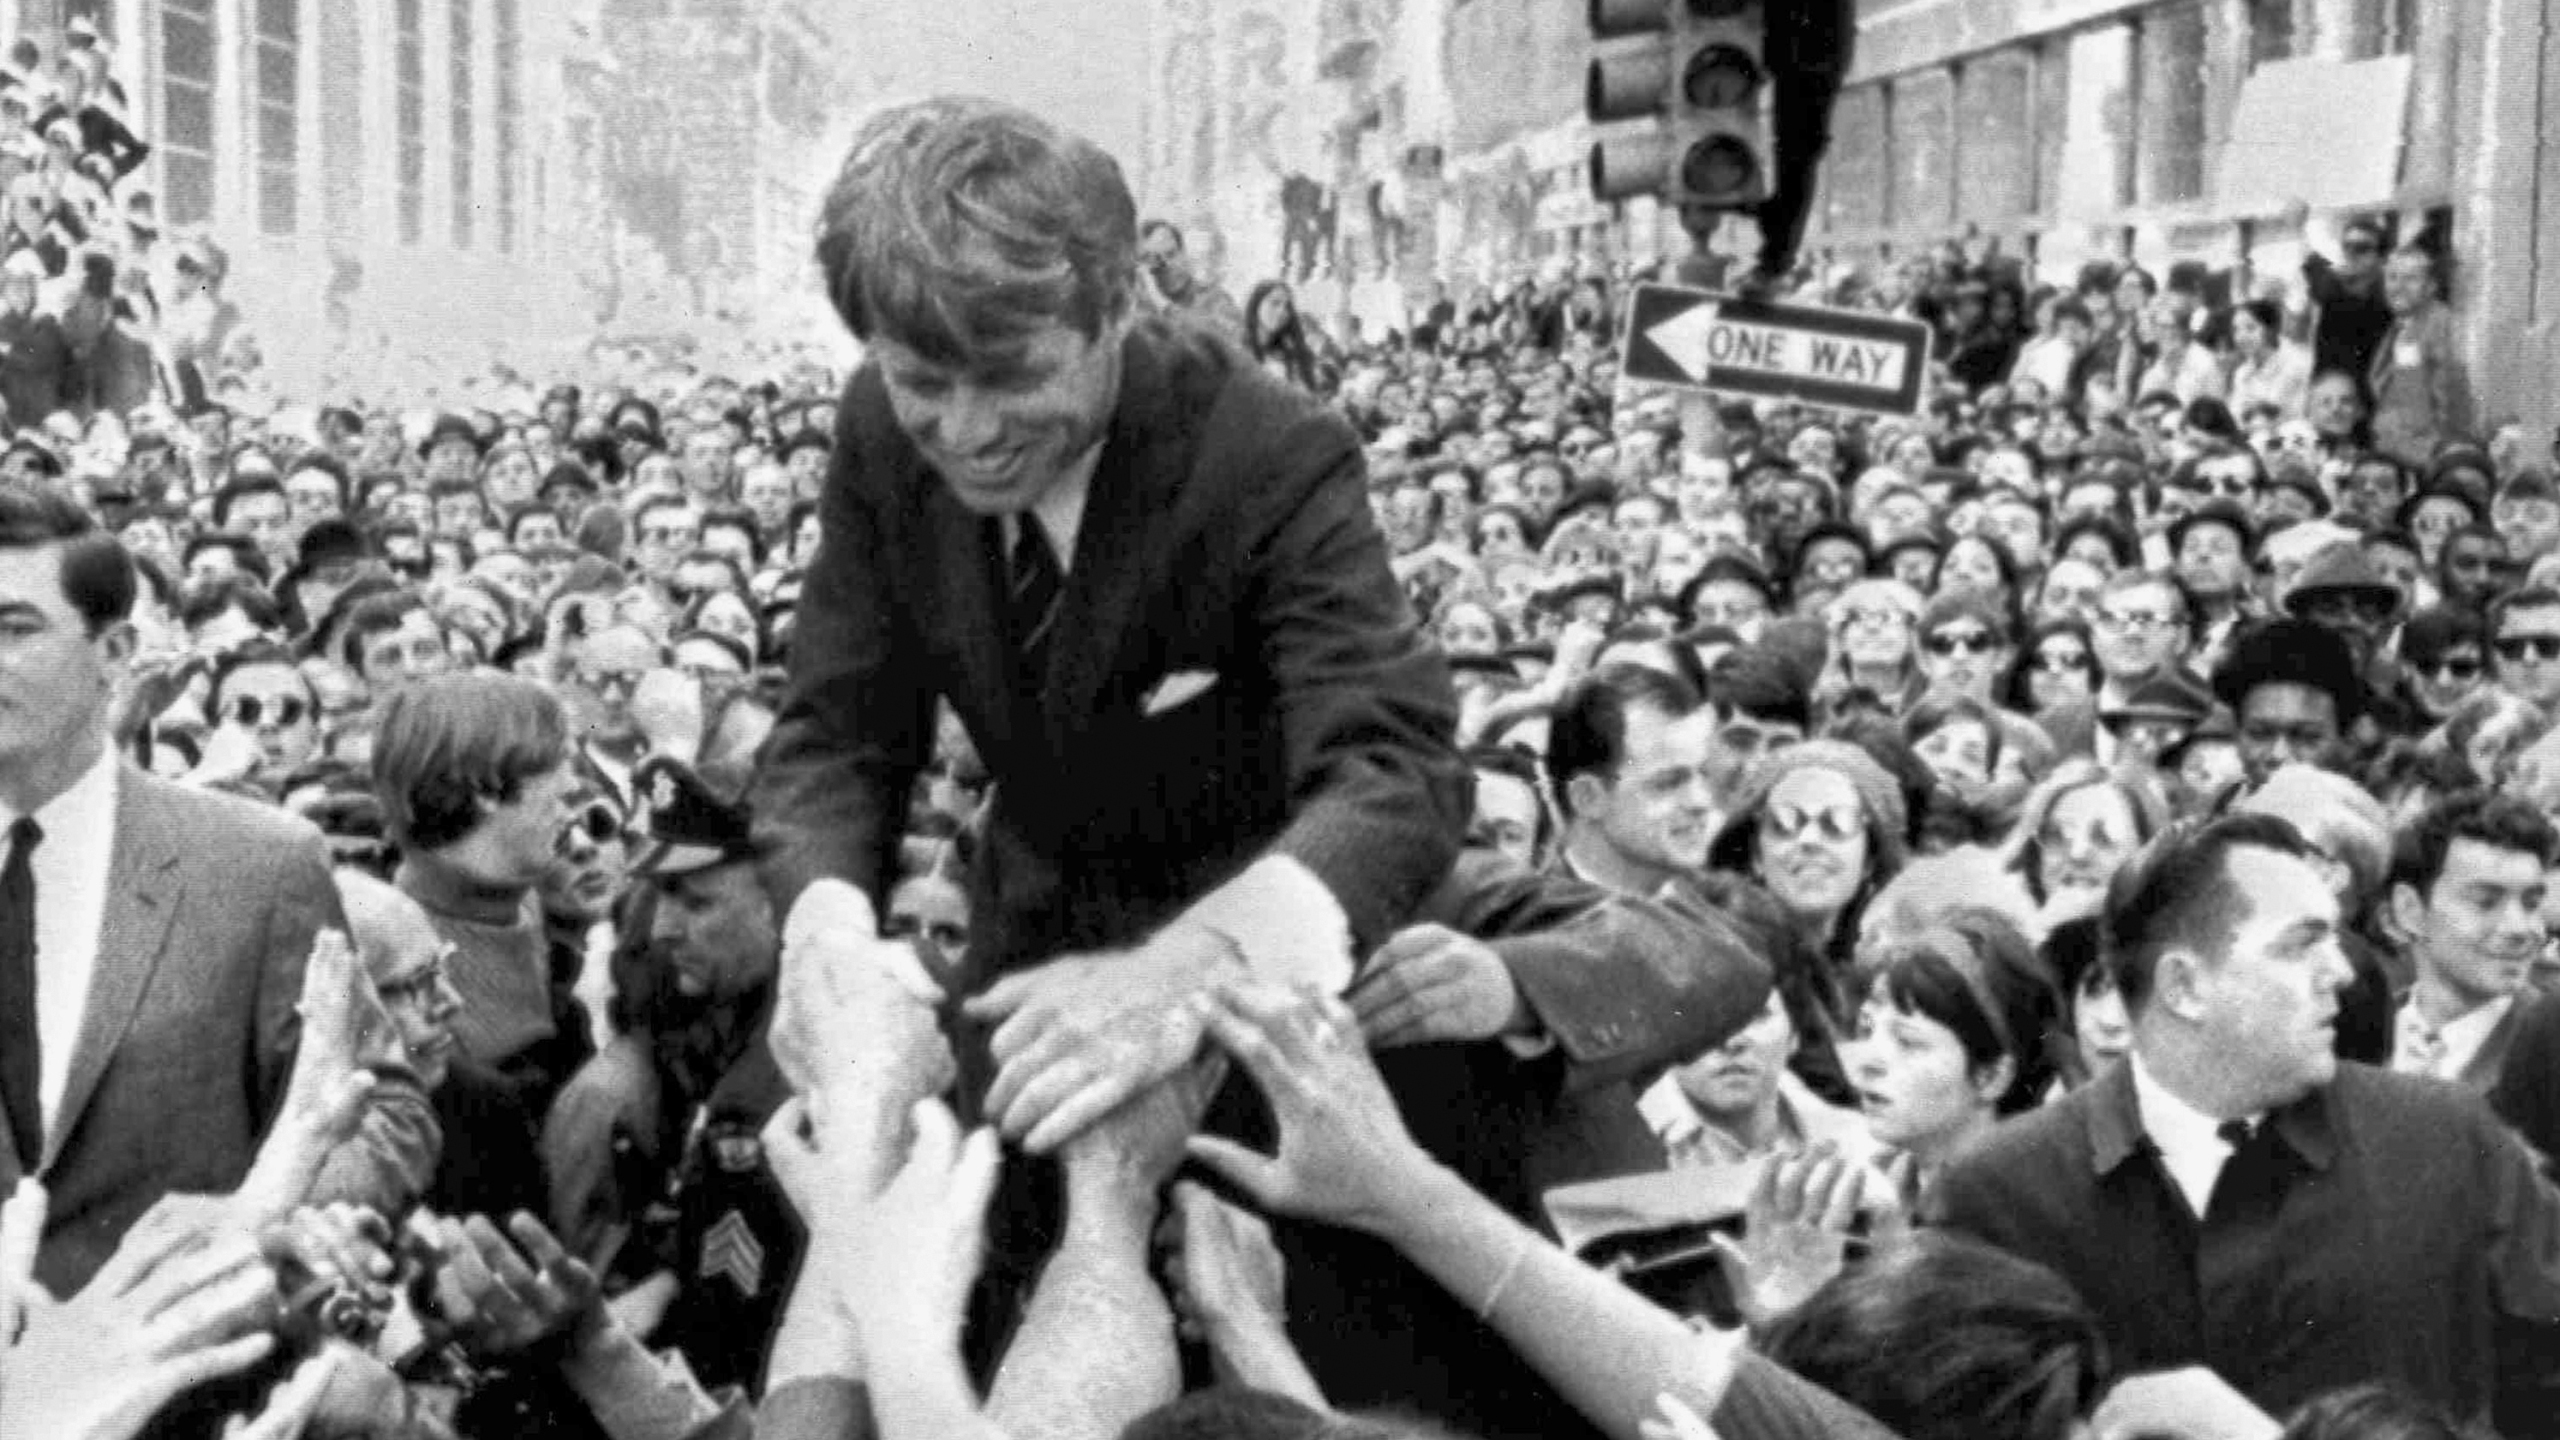 Robert F Kennedy Memorial Service_1527793759823